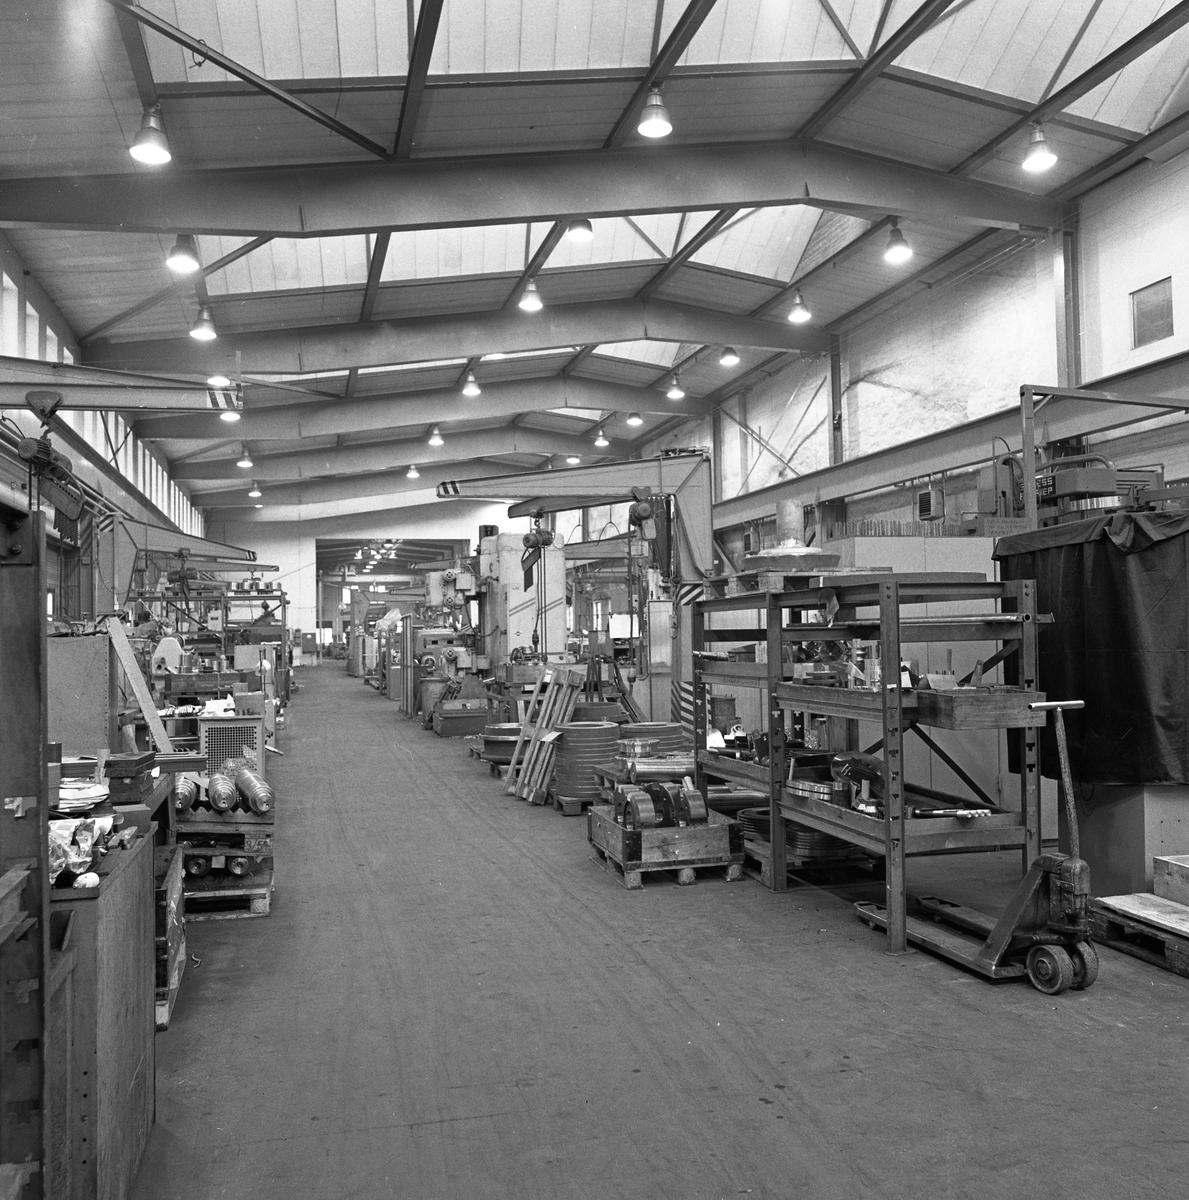 Arboga Mekaniska Verkstad, Meken, interiör.  Fabrikslokal med maskiner och hyllor med maskindelar. 25 september 1856 fick AB Arboga Mekaniska Verkstad rättigheter att anlägga järngjuteri och mekanisk verkstad. Verksamheten startade 1858. Meken var först i landet med att installera en elektrisk motor för drift av verktygsmaskiner vid en taktransmission (1887).  Gjuteriet lades ner 1967. Den mekaniska verkstaden lades ner på 1980-talet. Läs om Meken i Hembygdsföreningen Arboga Minnes årsbok från 1982.